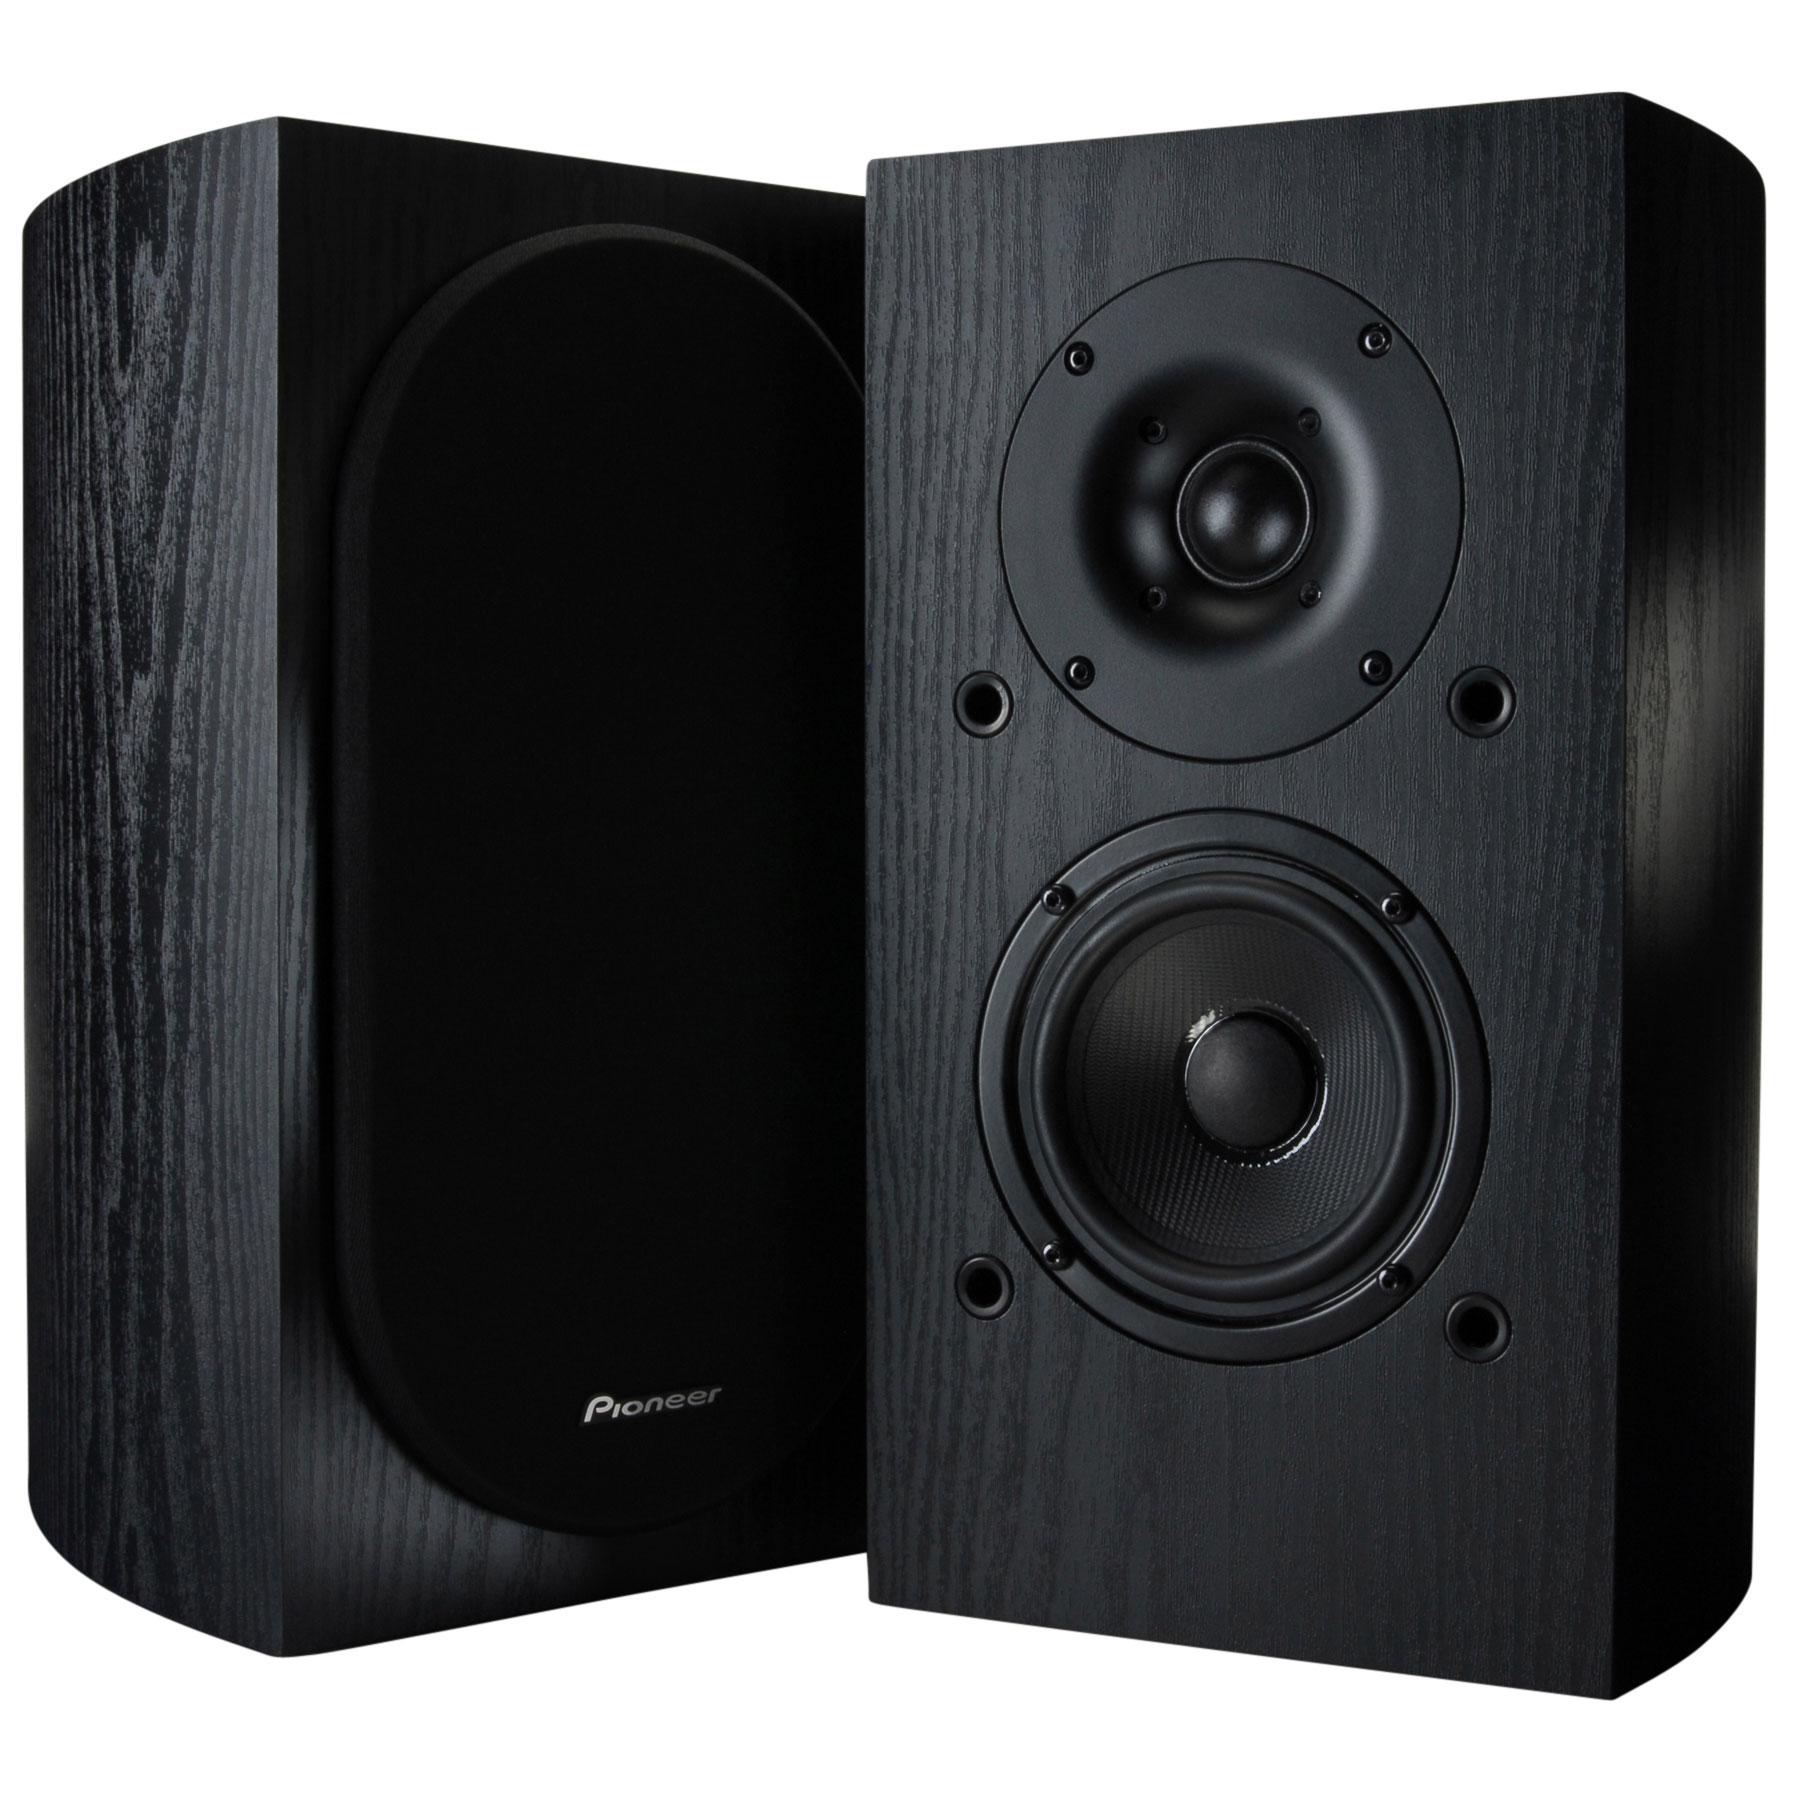 Pioneer SP-BS22A-LR Andrew Jones Dolby Atmos Speakers (pair) $104 AC FS (Google Express via Frys)